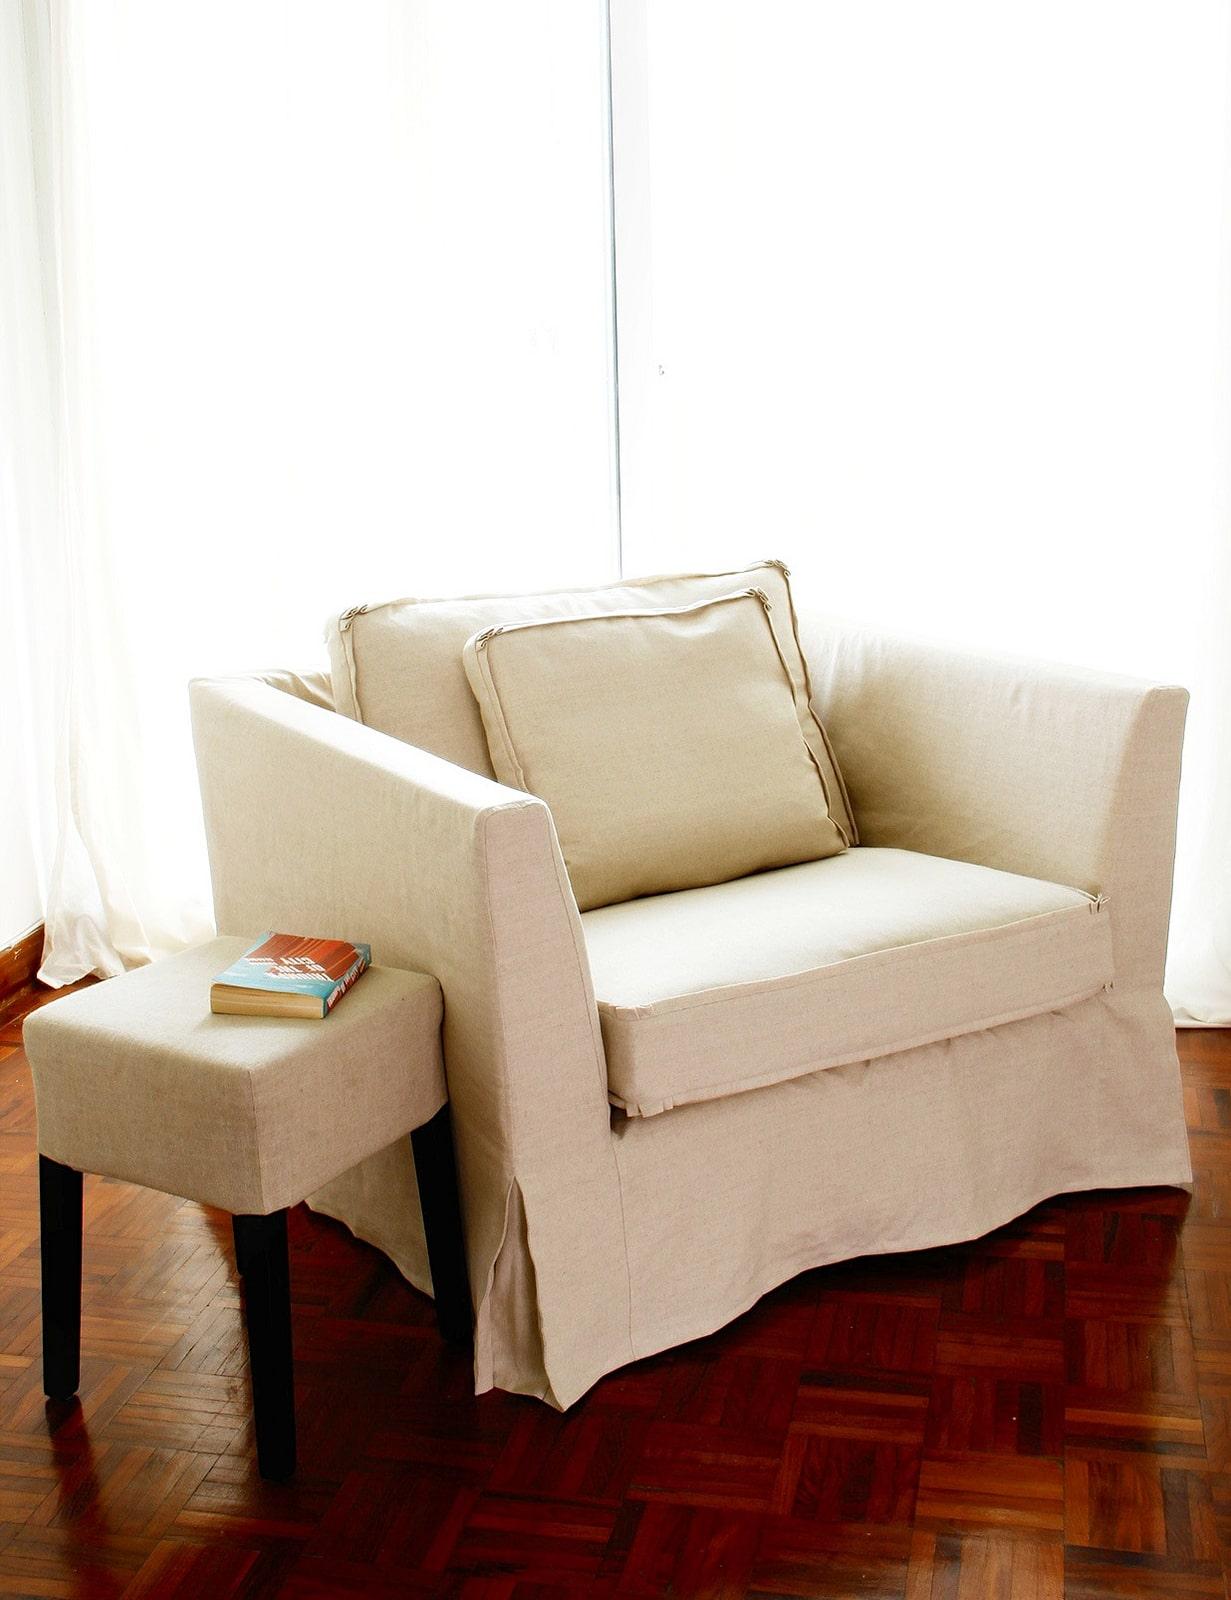 مبلمان رترو با بازوی مربعی (The Retro Square Arm Sofa)